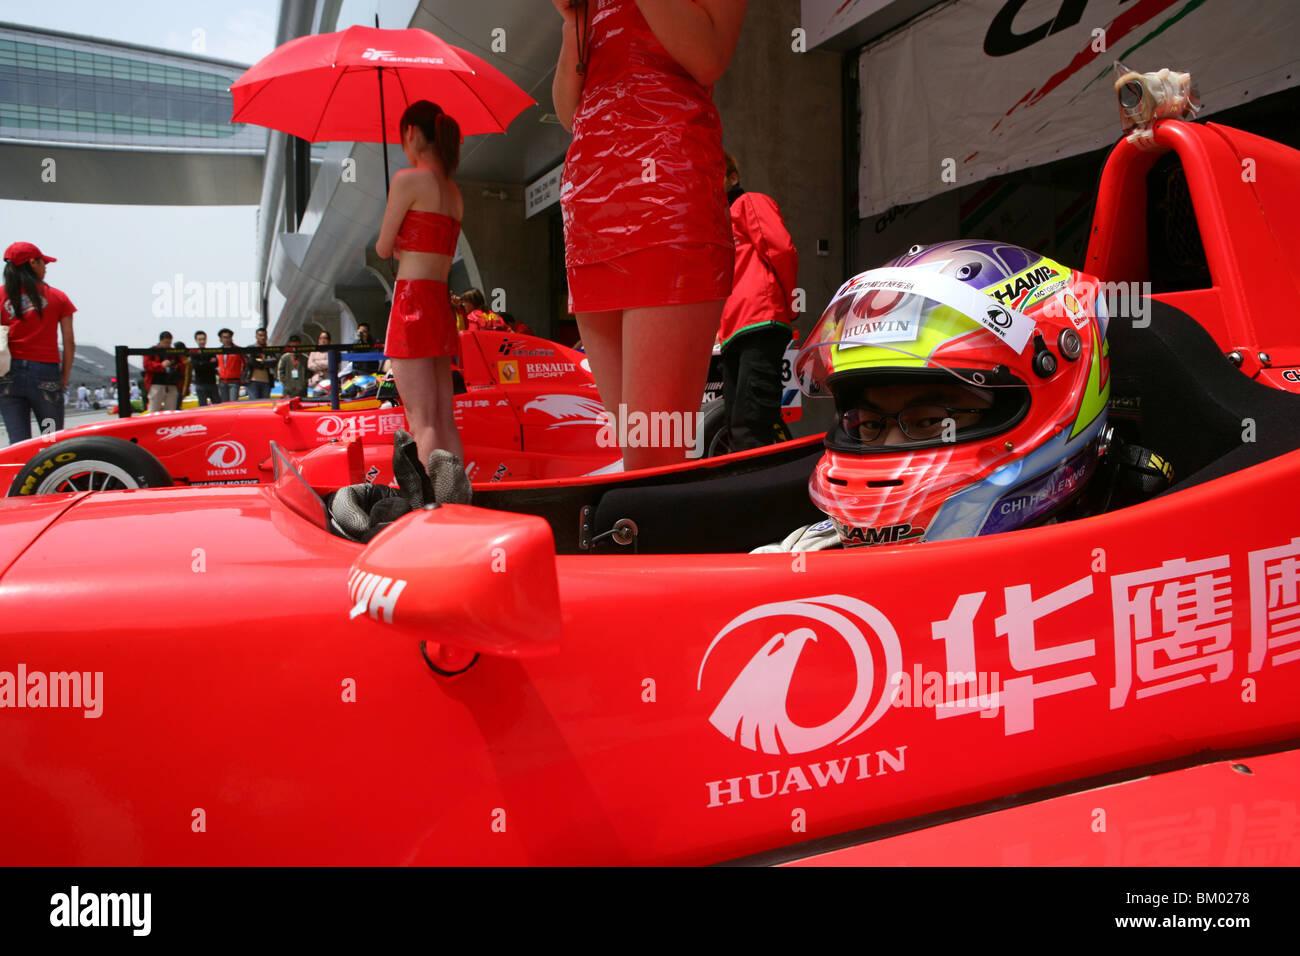 circuit race course, show gilrs, racing driver, circuit, racing car, formula, red - Stock Image